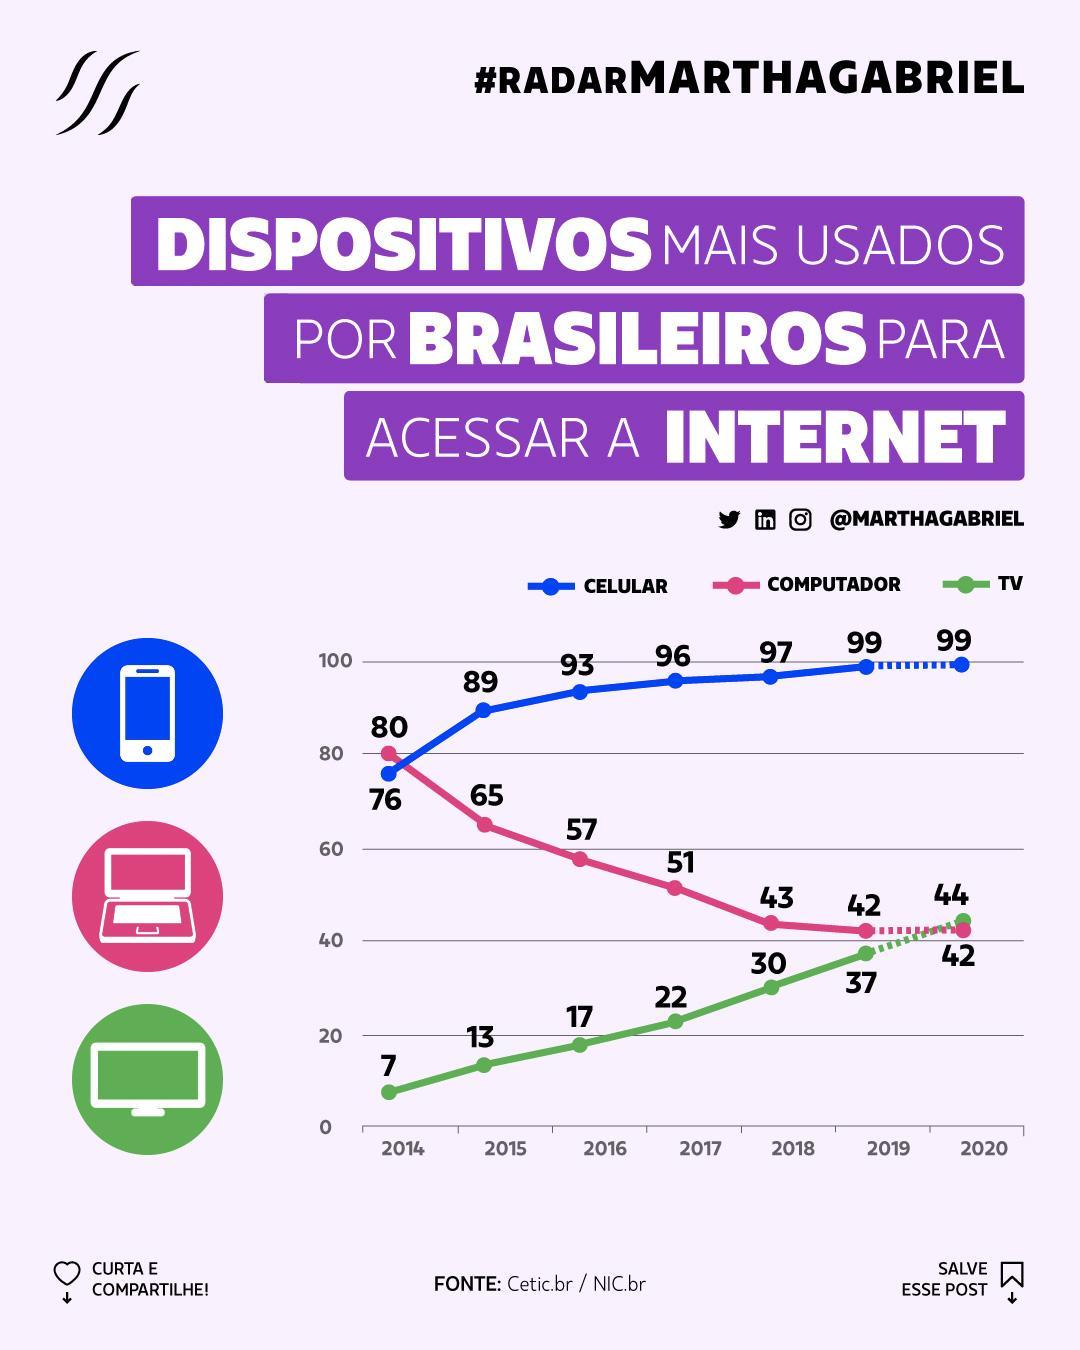 Dispositivos mais usados por brasileiros para acessar a internet